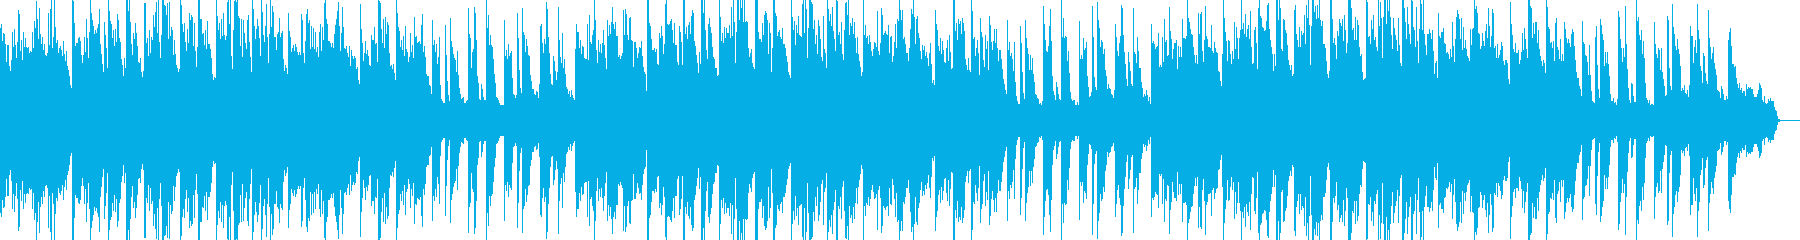 企業VP2 16bit44kHzVerの再生済みの波形